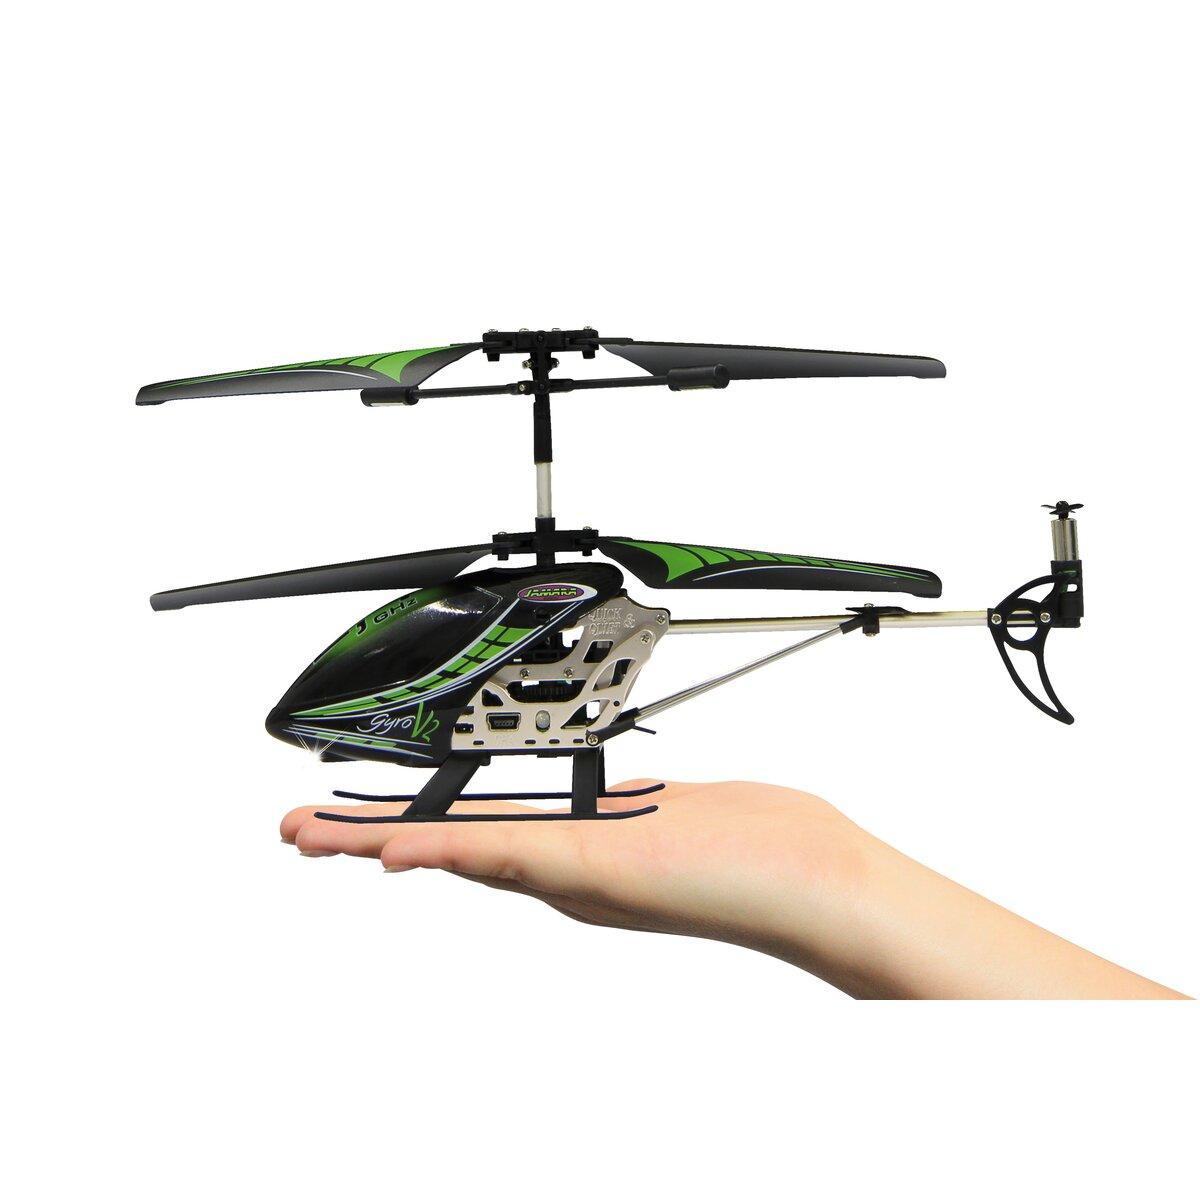 Jamara Horizontal Stabiliser for Sole V2 Helicopter